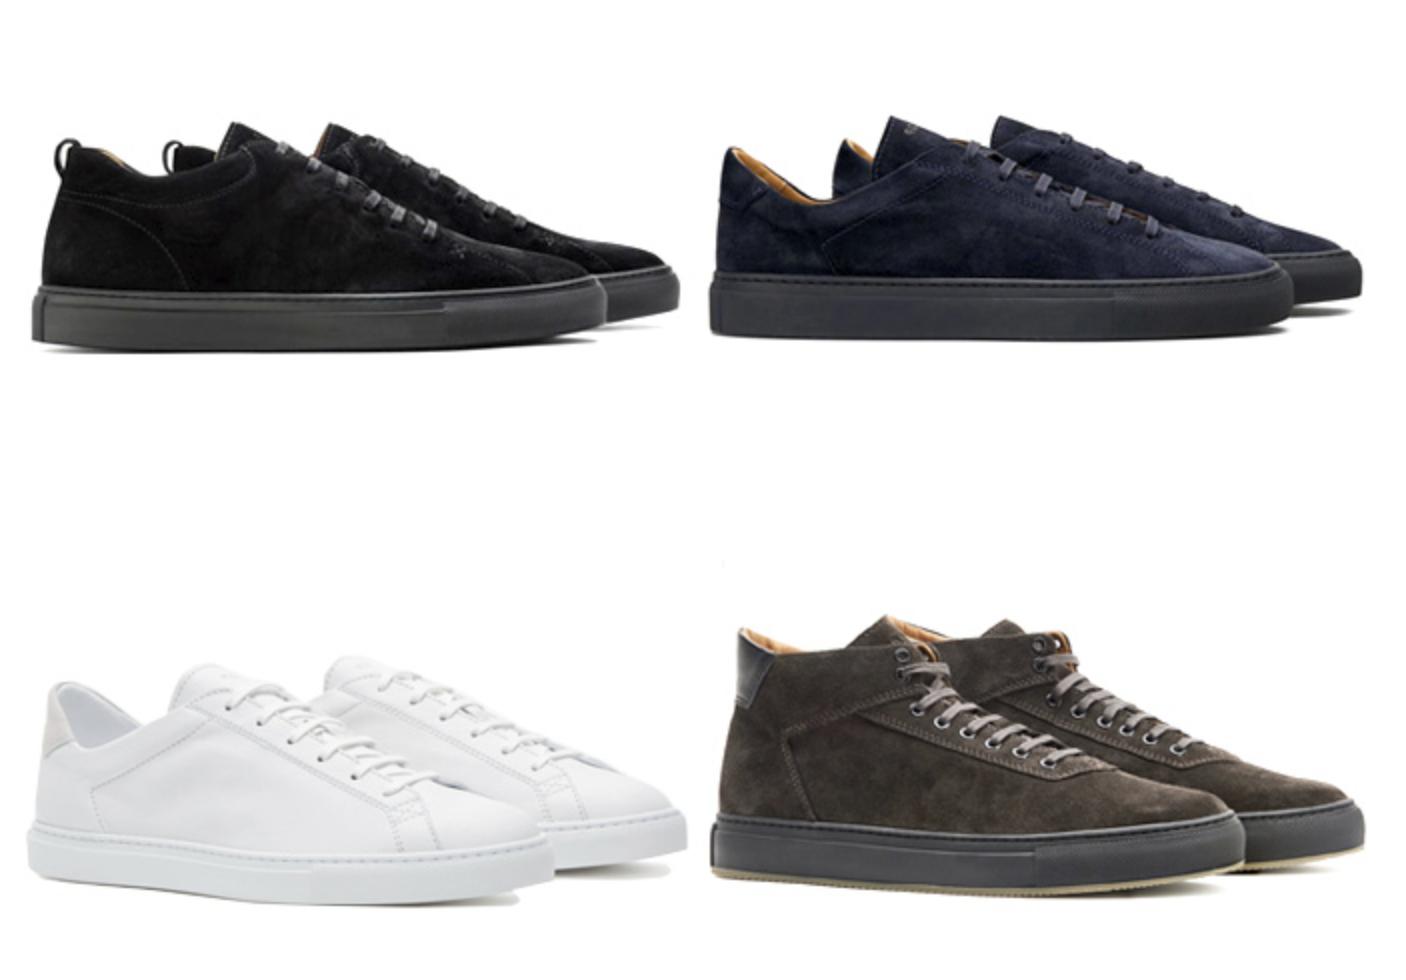 Sepatu Luxury Sneakers CQP Terbaik luxury sneakers - 14 Luxury Sneakers Terbaik dari Desainer Dunia